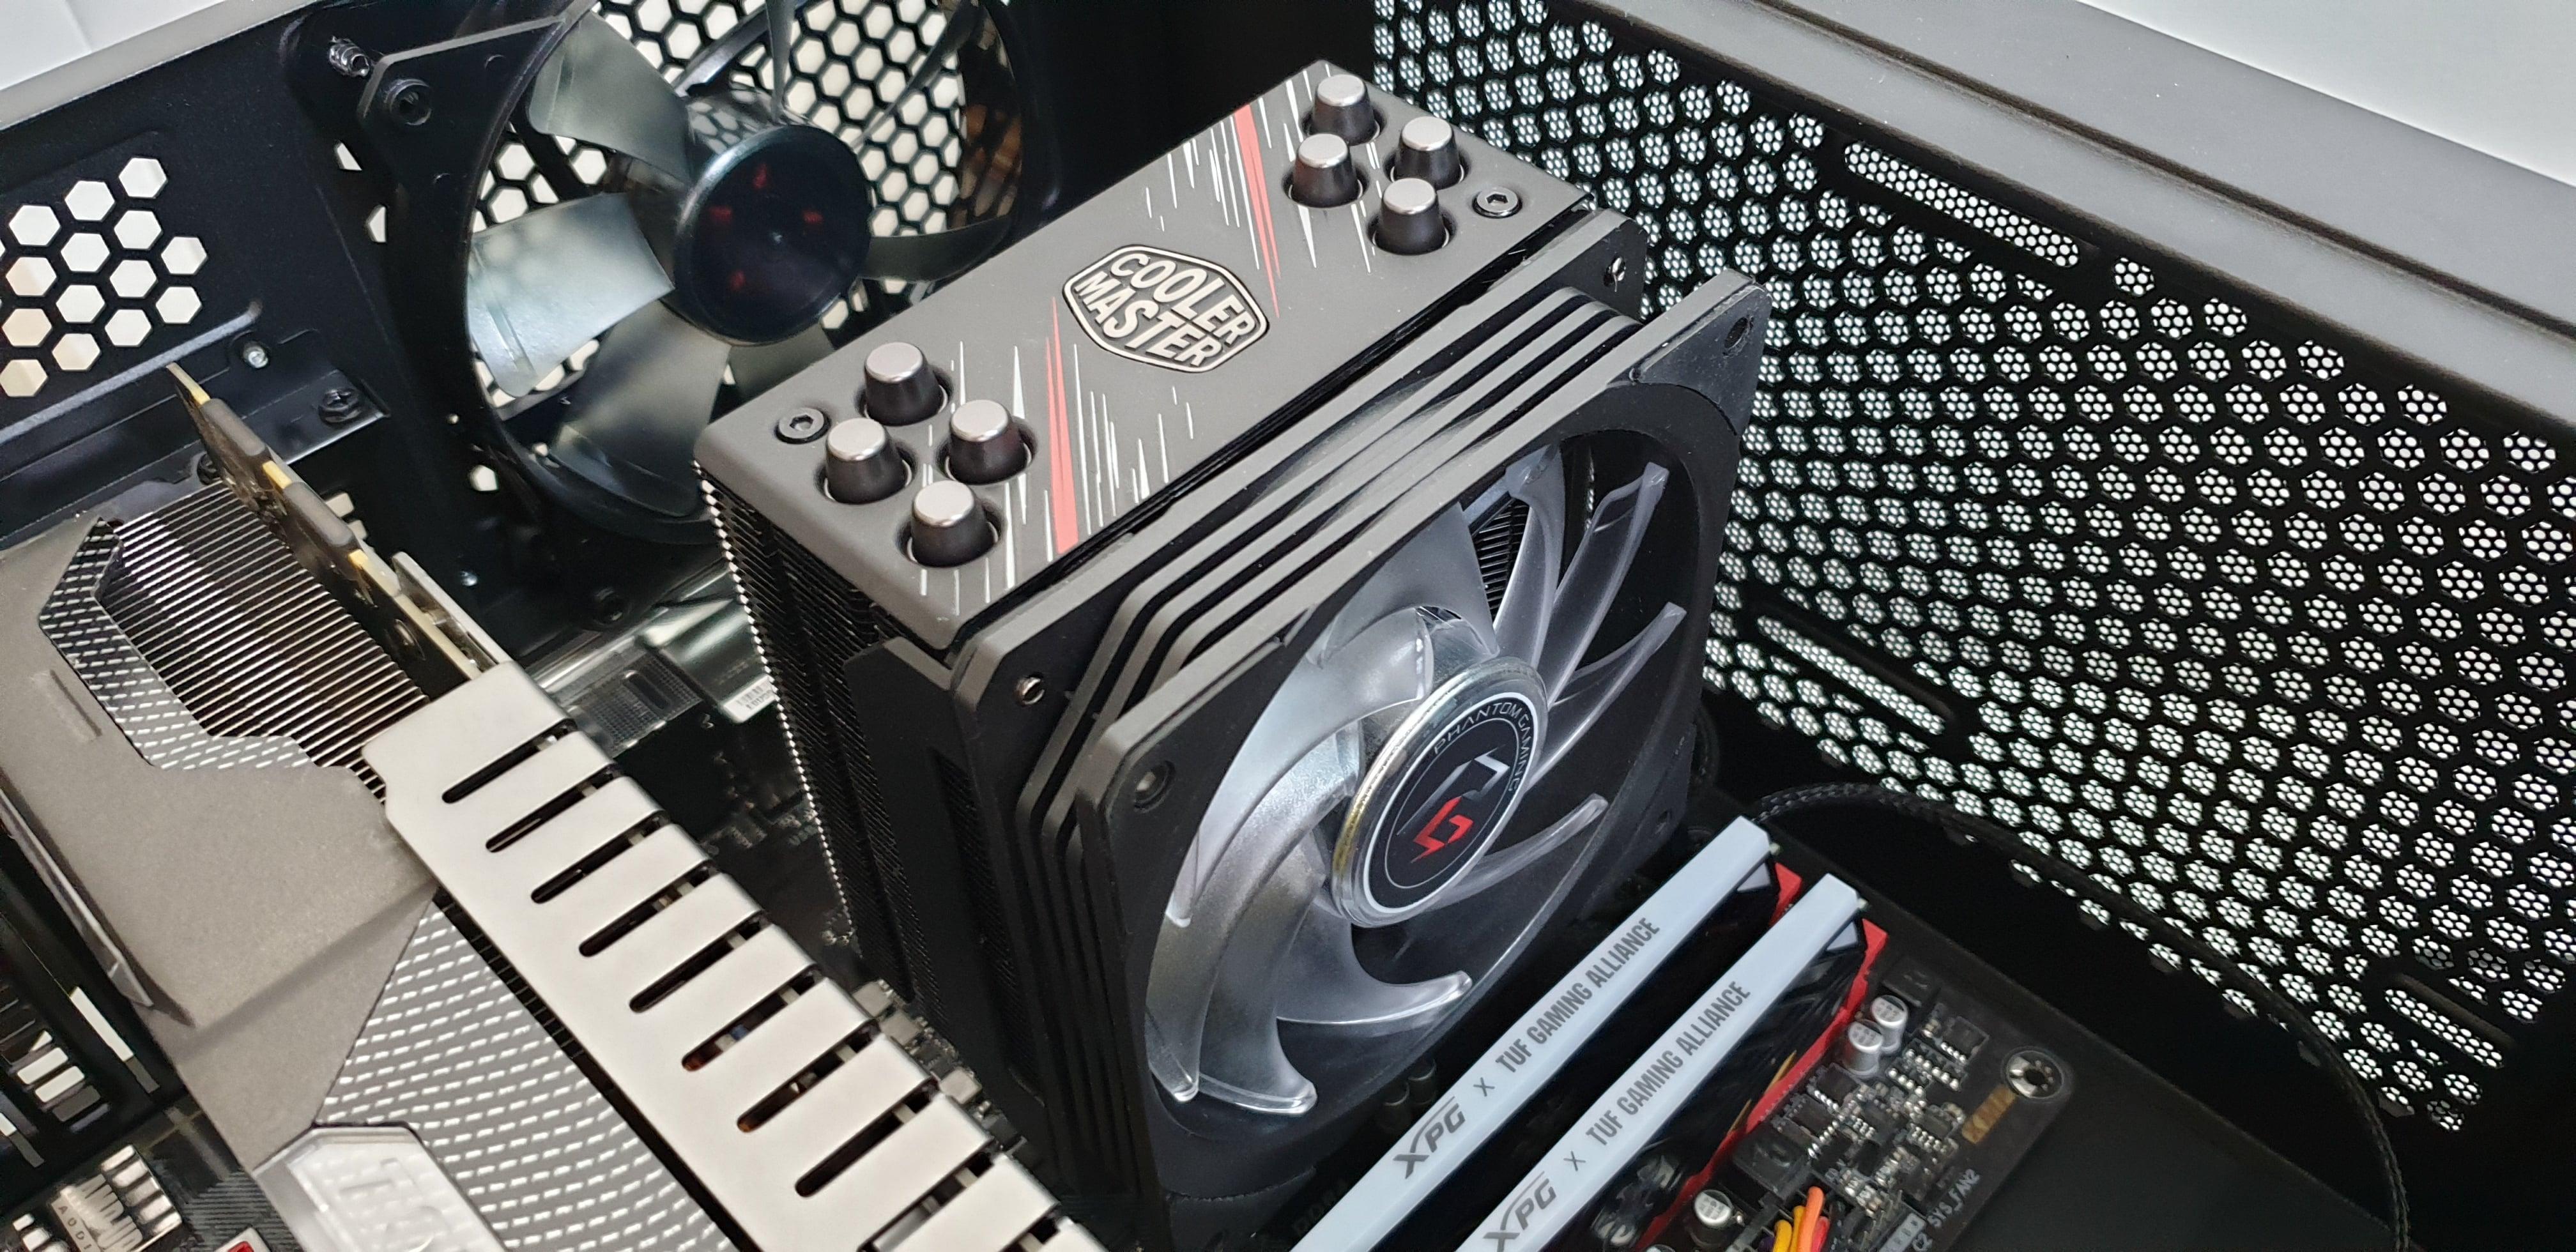 Testujemy cooler dla CPU - Cooler Master Hyper 212 RGB Phantom Gaming Edition. Warto? 40